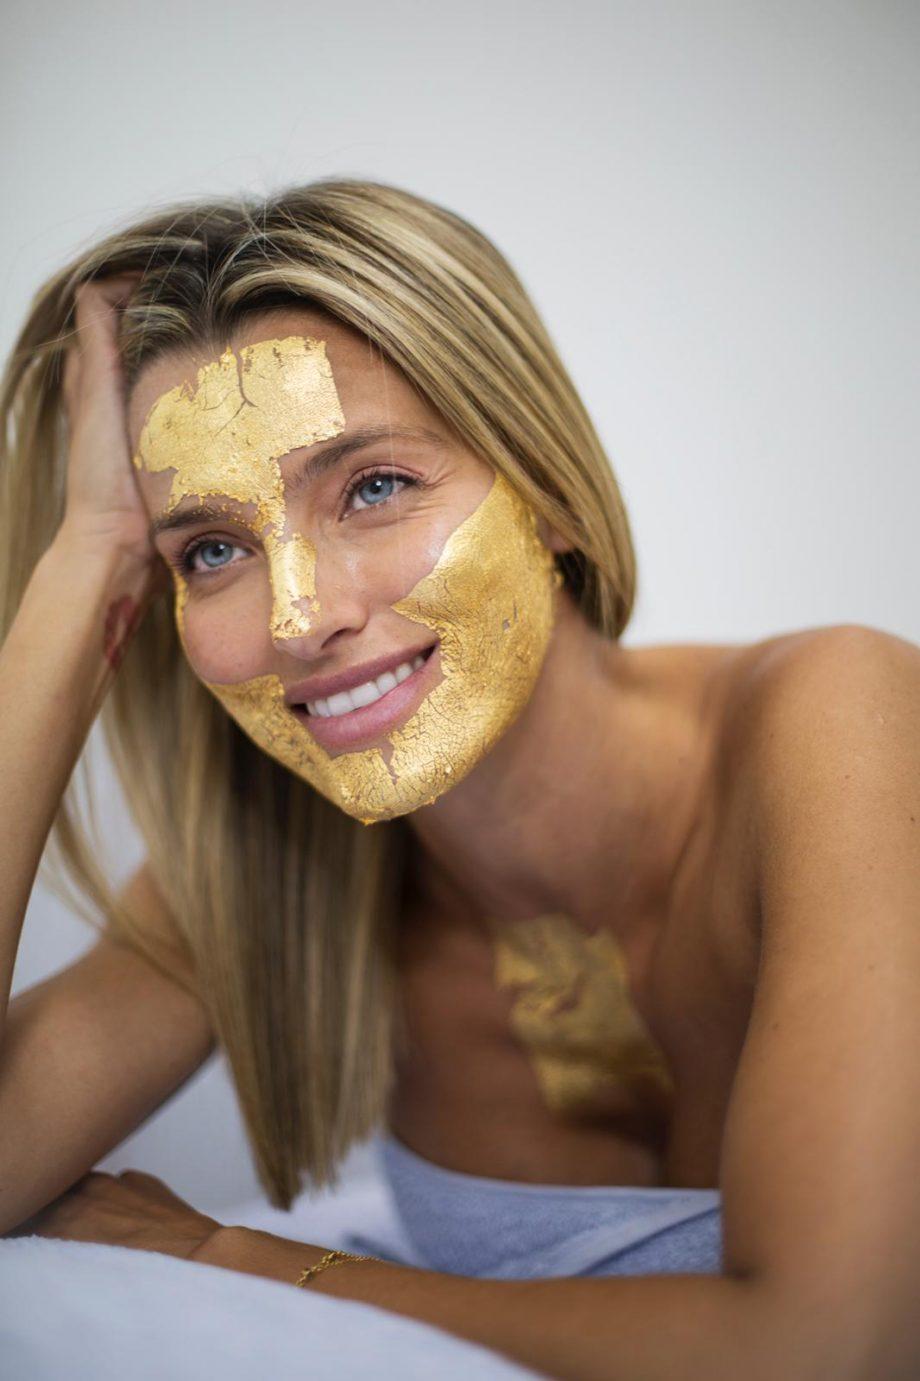 tratamiento facial gold essenial 3